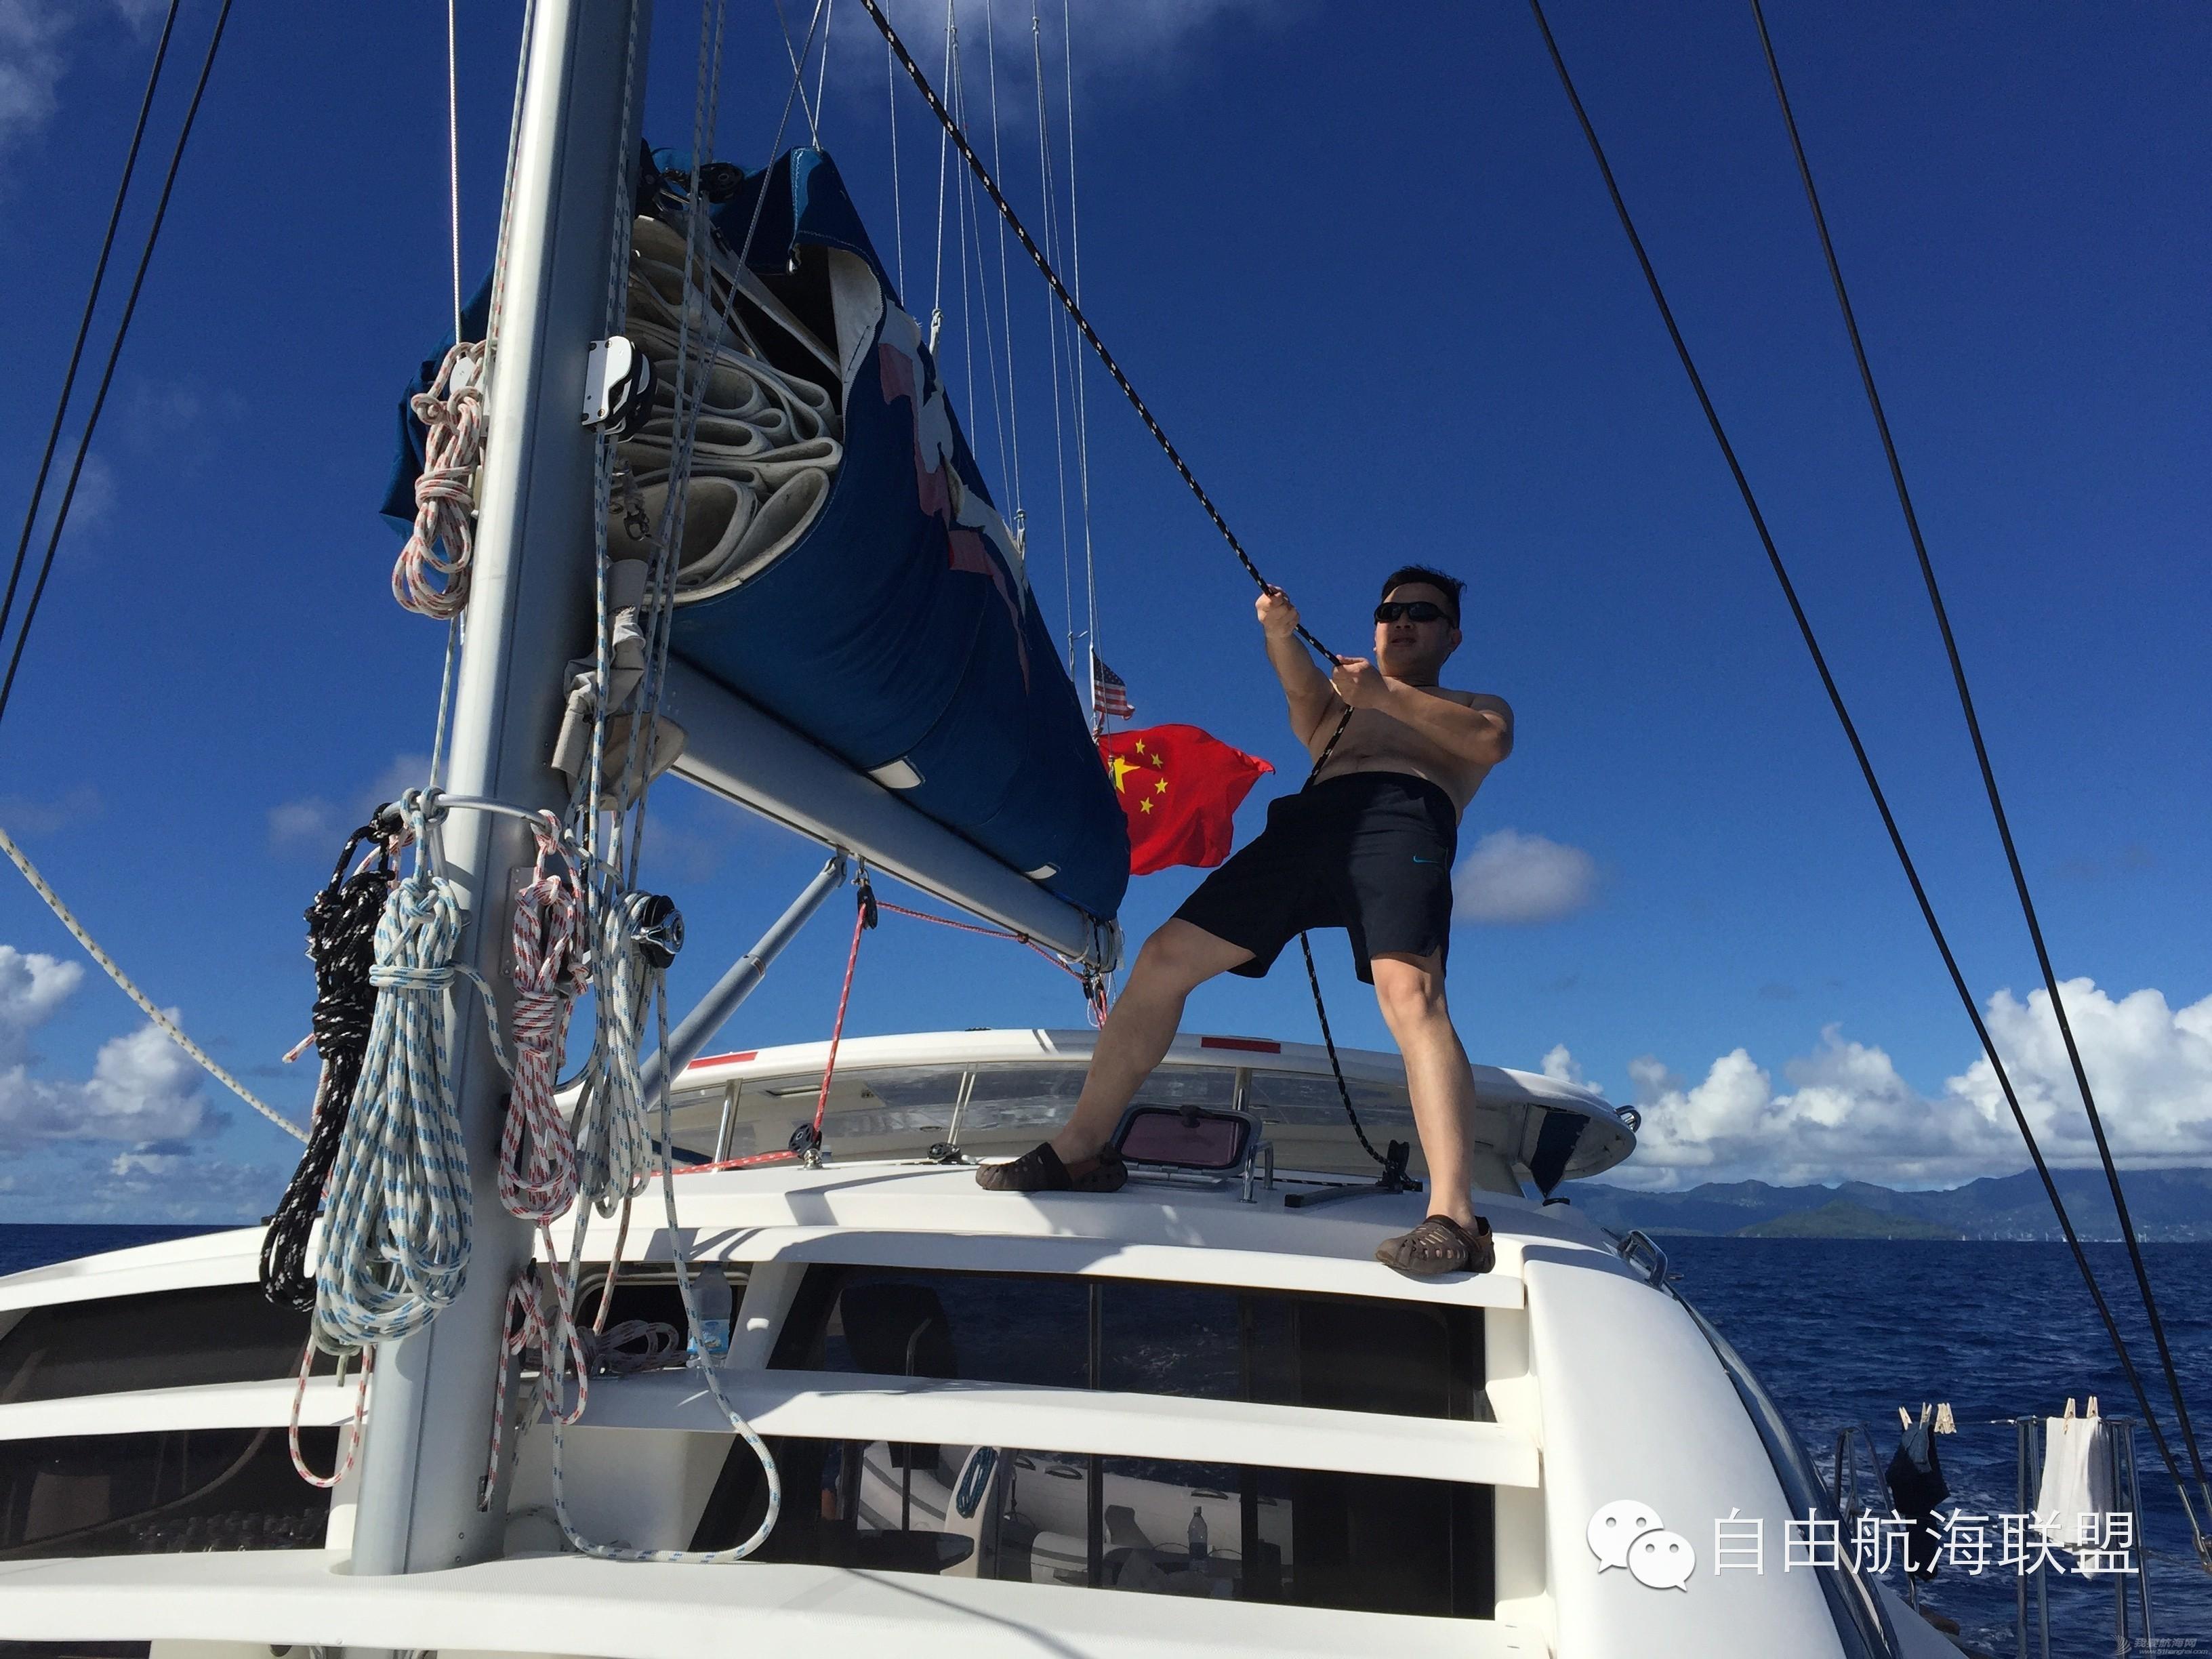 2015年11月——塞舌尔+迪拜,帆船自驾之旅招募书 43d94704b194af14b3b3ceea2f9e24c2.jpg